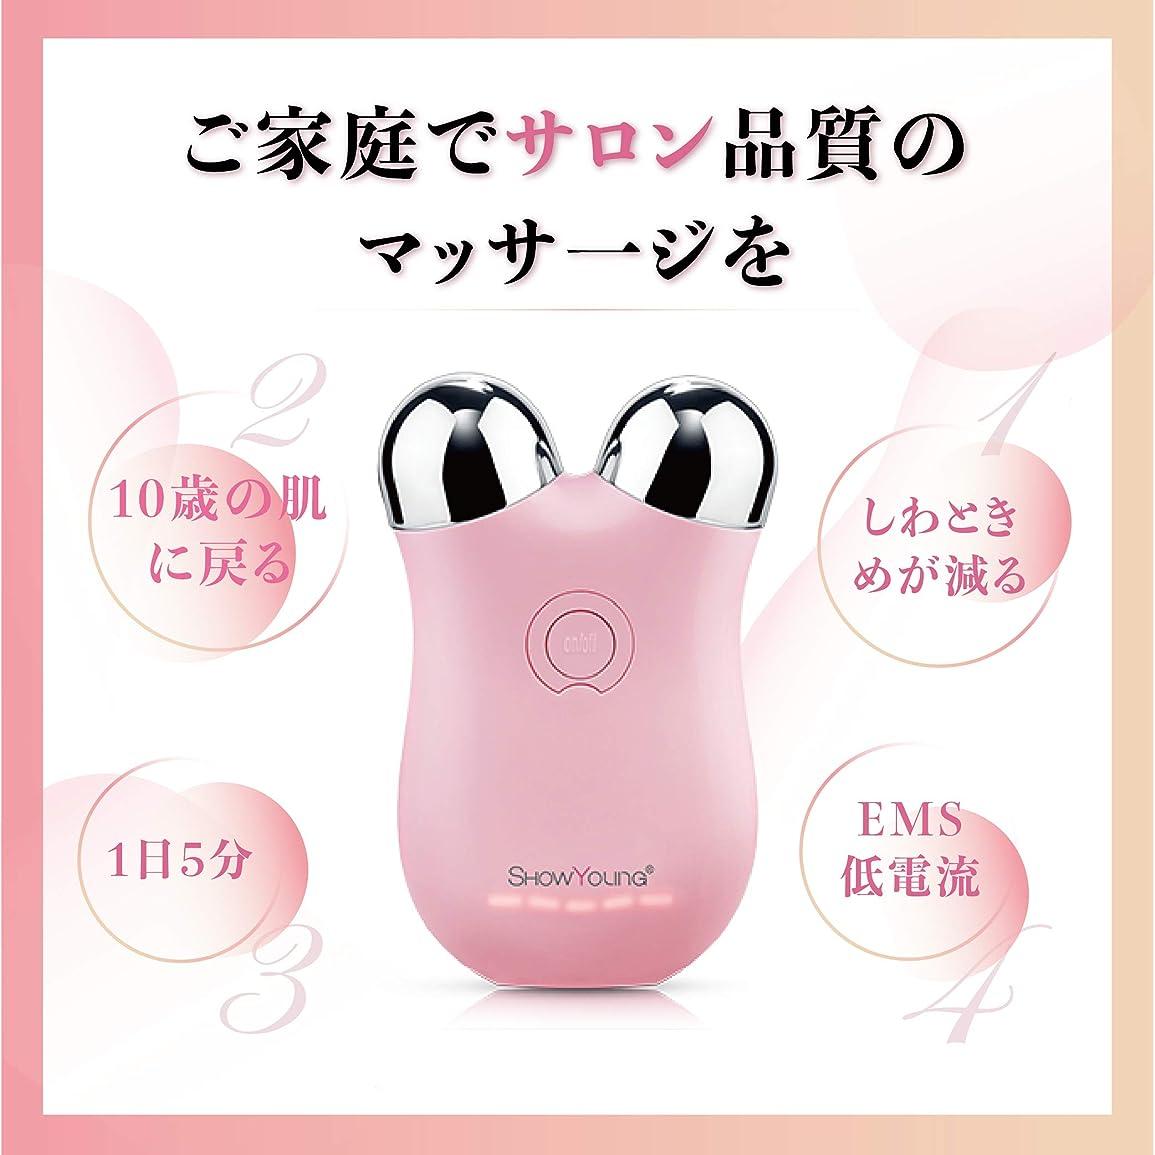 付属品貴重な呼吸Showyoung 微小電流ミニ顔マッサージ器、顔の調色装置、しわと細紋の減少、皮膚、リンパのマッサージ、調整の質、2年の品質の保証に用いる。